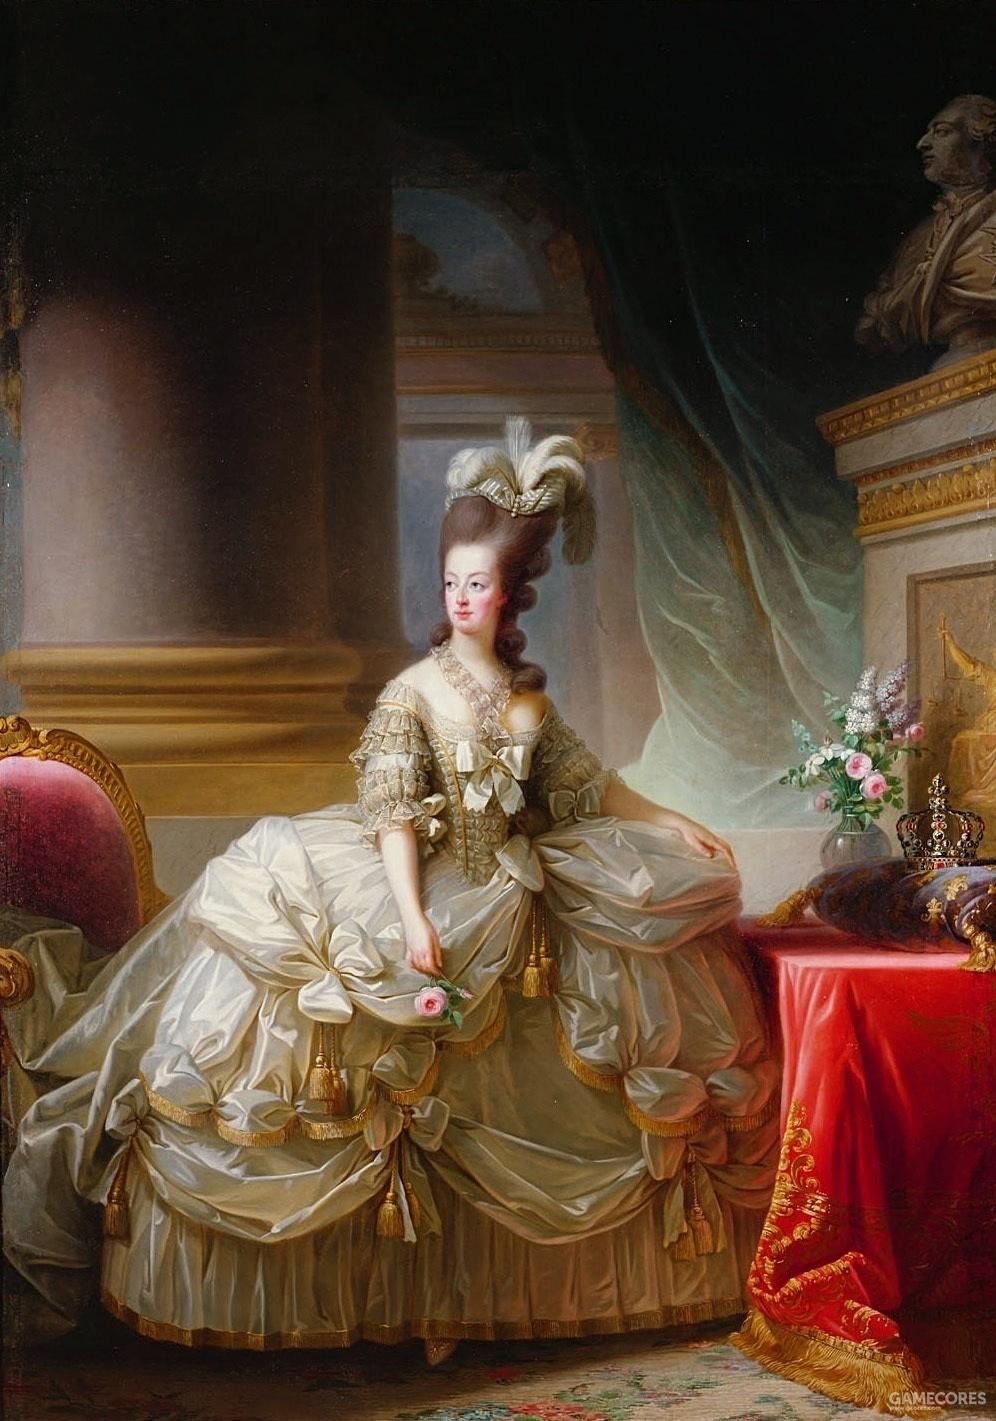 Portrait of Marie Antoinette by Élisabeth Vigée Le Brun, 1778